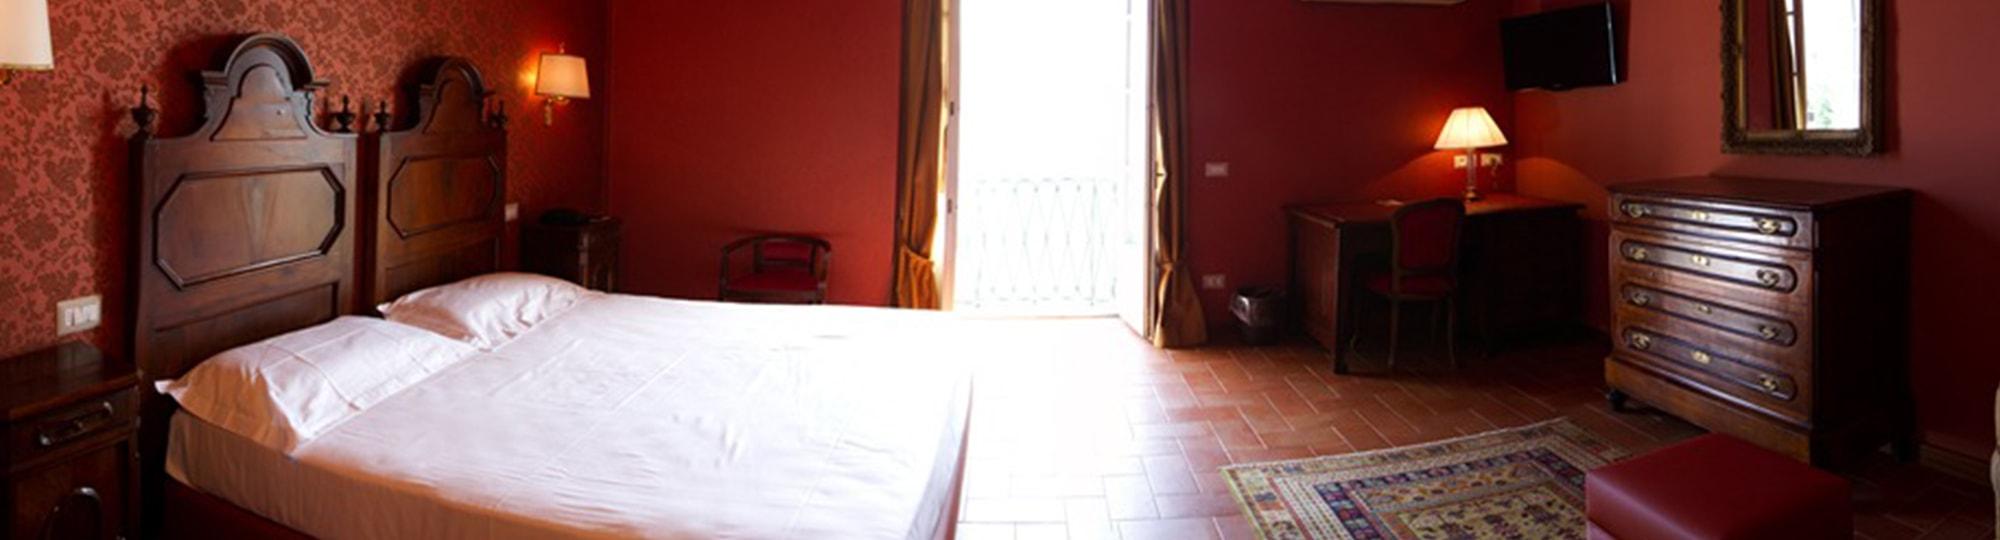 Vue de l'hotel Hotel Royal Victoria 4* à Varenna